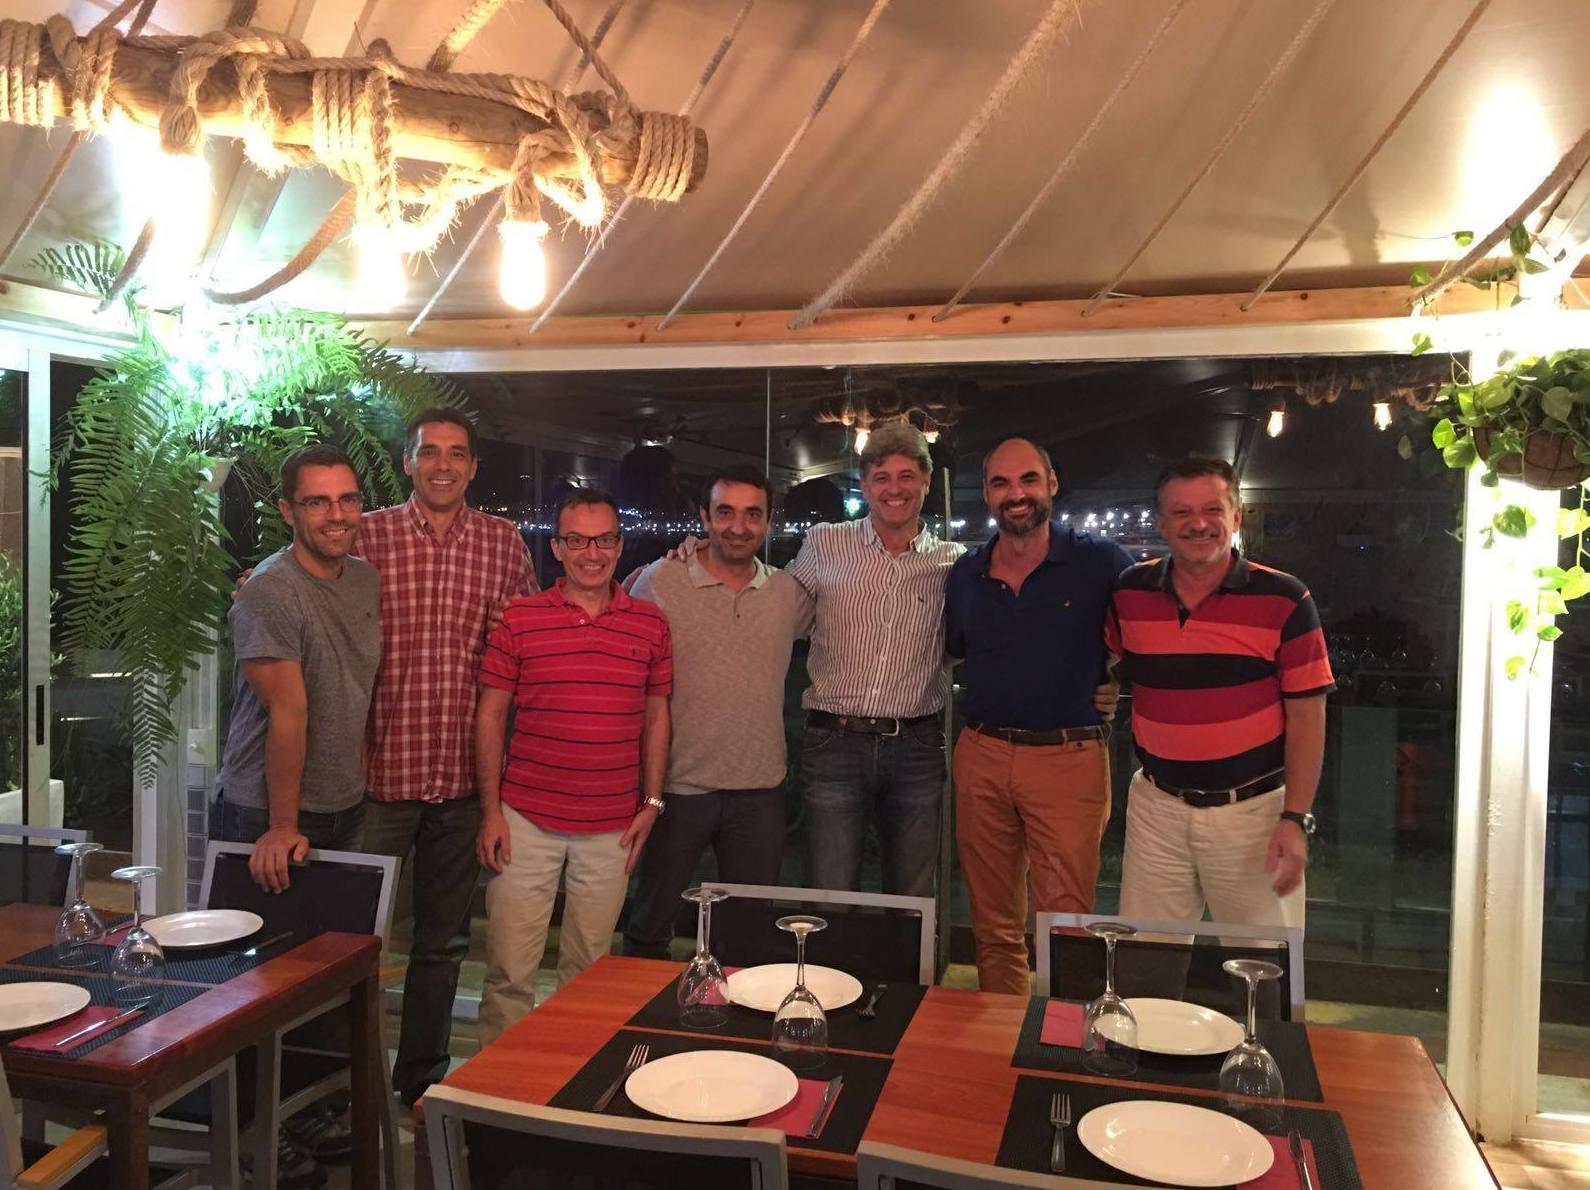 Hoy la OFGC (La orquesta filarmónica de Gran Canaria) y la AMPOS (Asociación de músicos profesionales de orquestas sinfónicas) nos visitaron